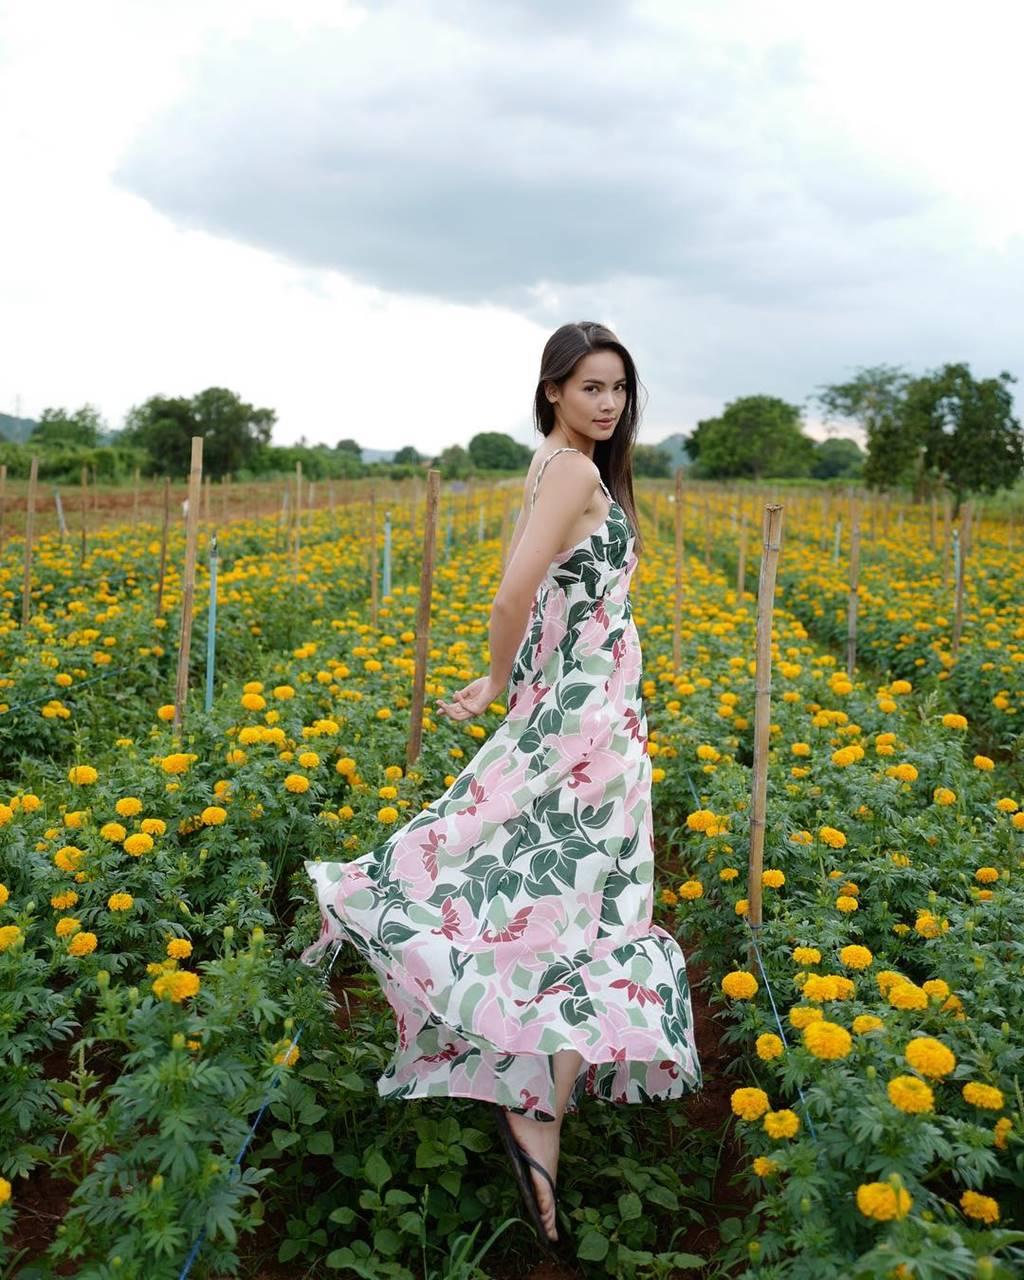 Mê mẩn trước nhan sắc ngọc nữ xứ Chùa Vàng diện áo dài vừa du lịch ở Việt Nam-12